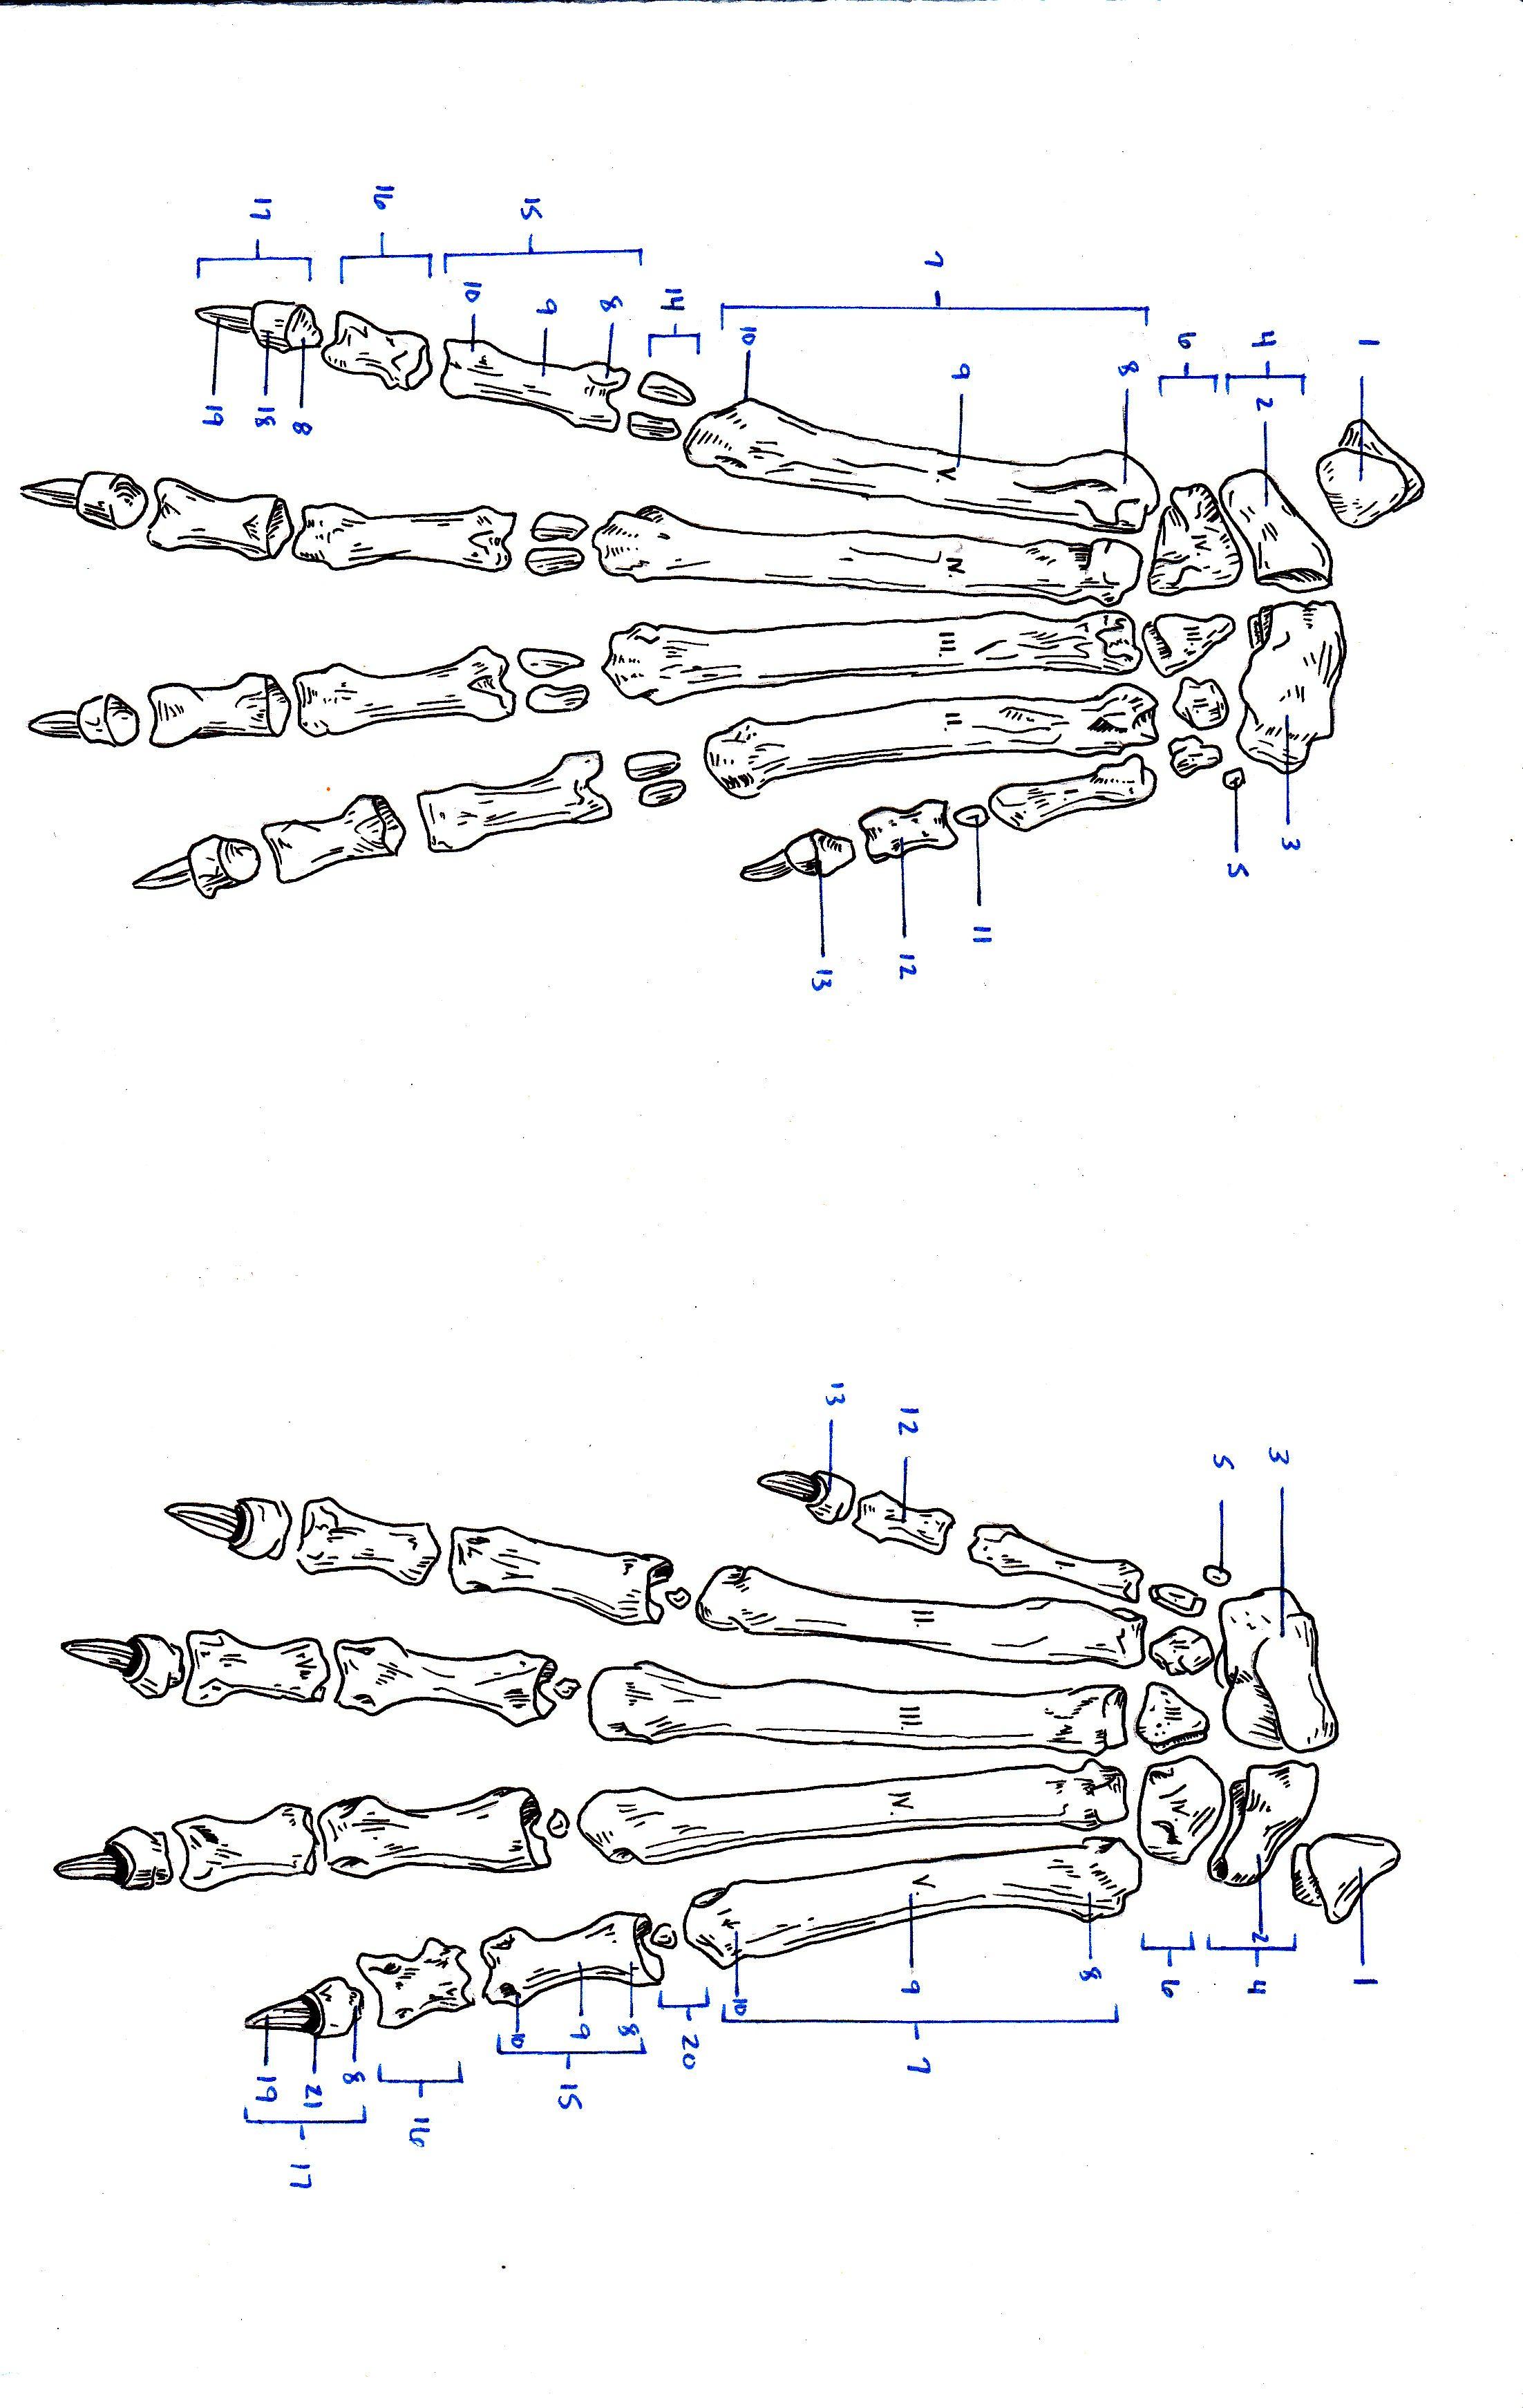 Veterinary Sketch